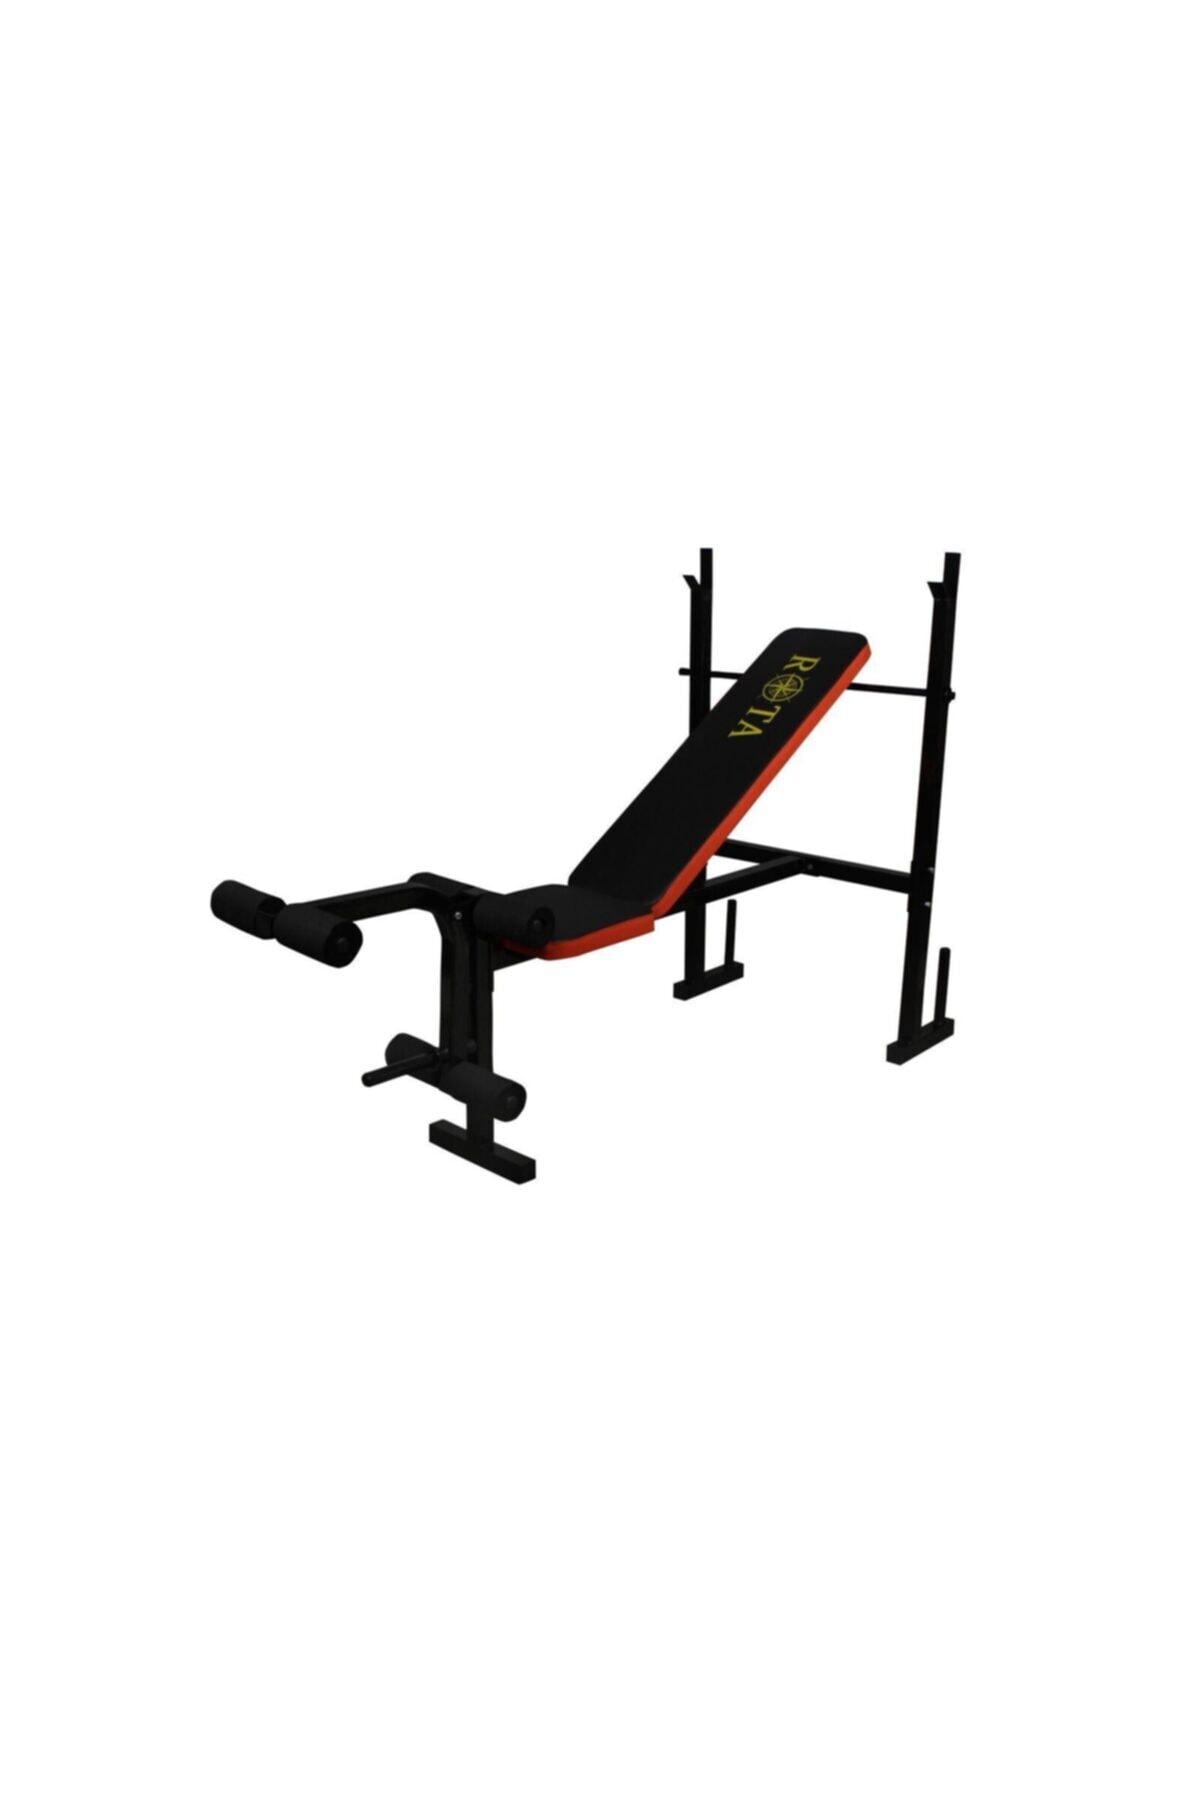 Dumwell Rota Spor Yerli Üretim Fonksiyonel Ağırlık Bench Press Sehpası 2